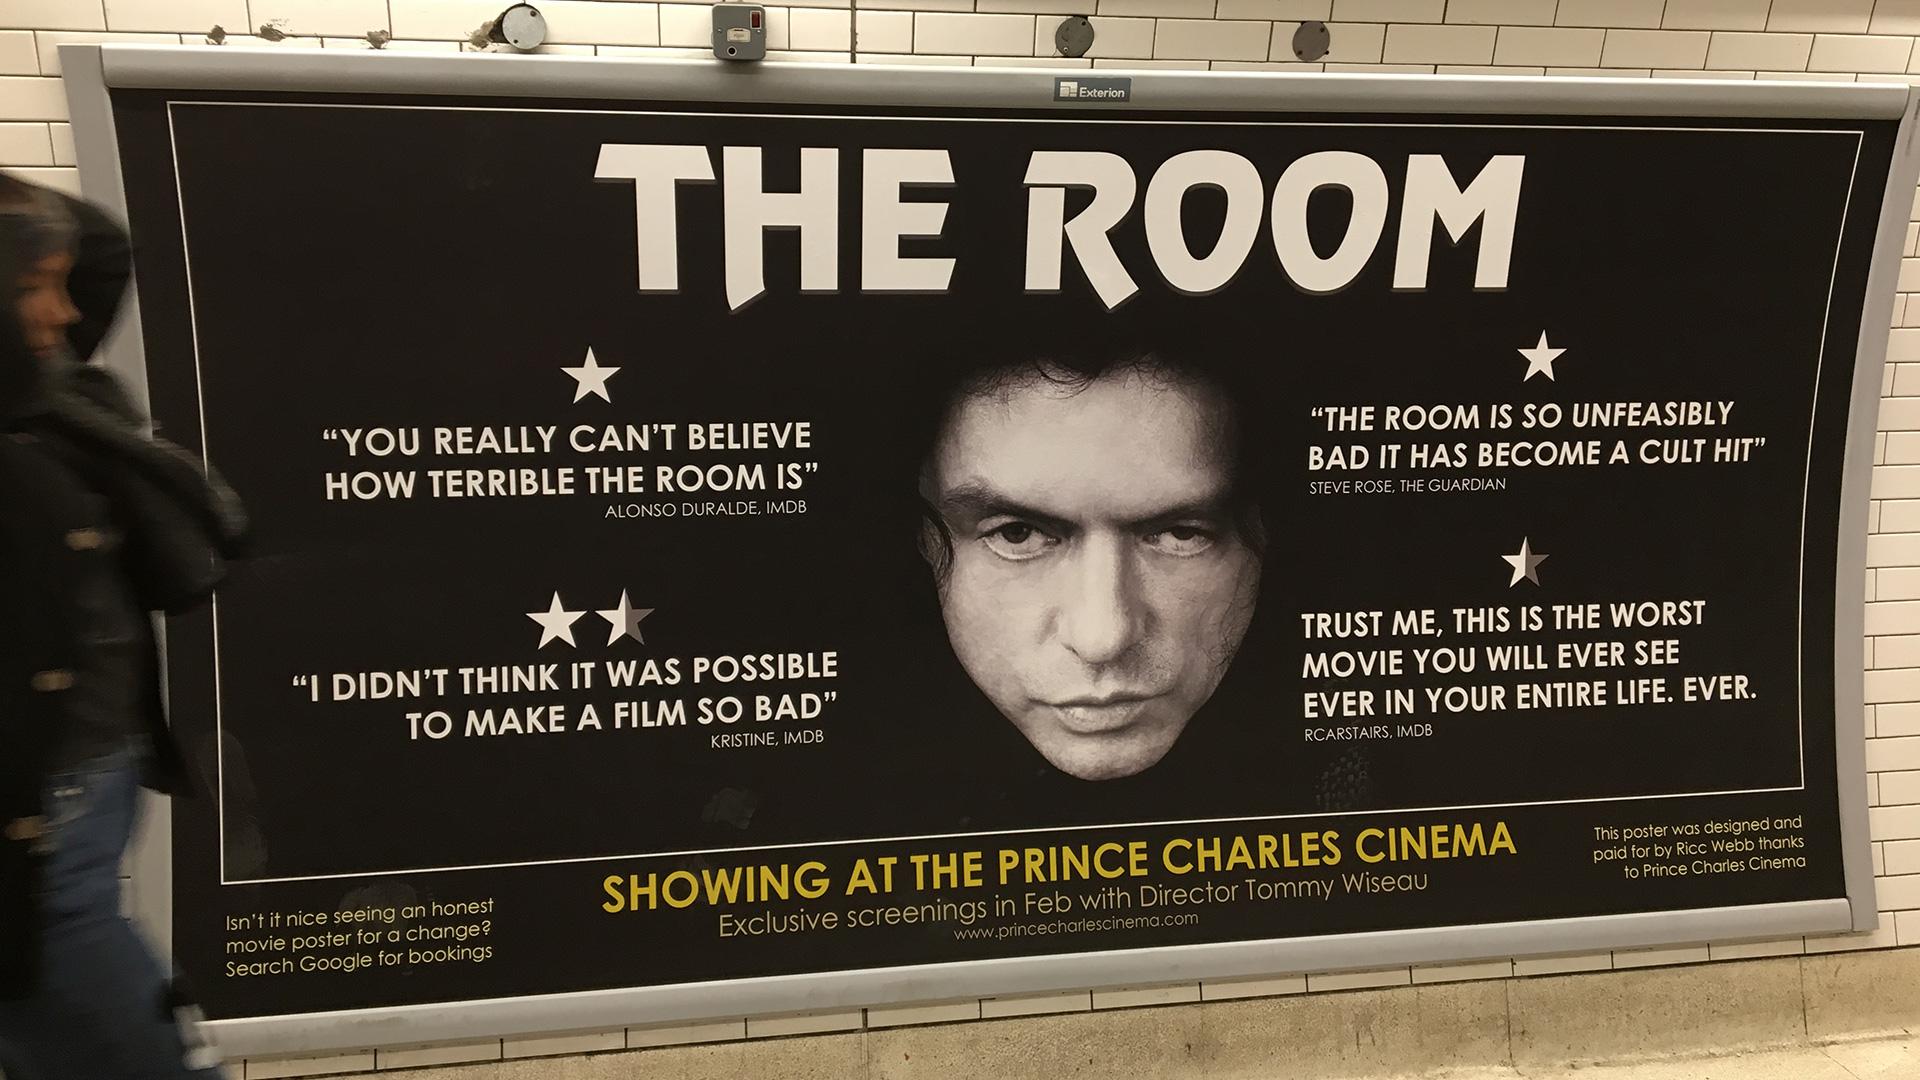 Un fenómeno llamado The Room